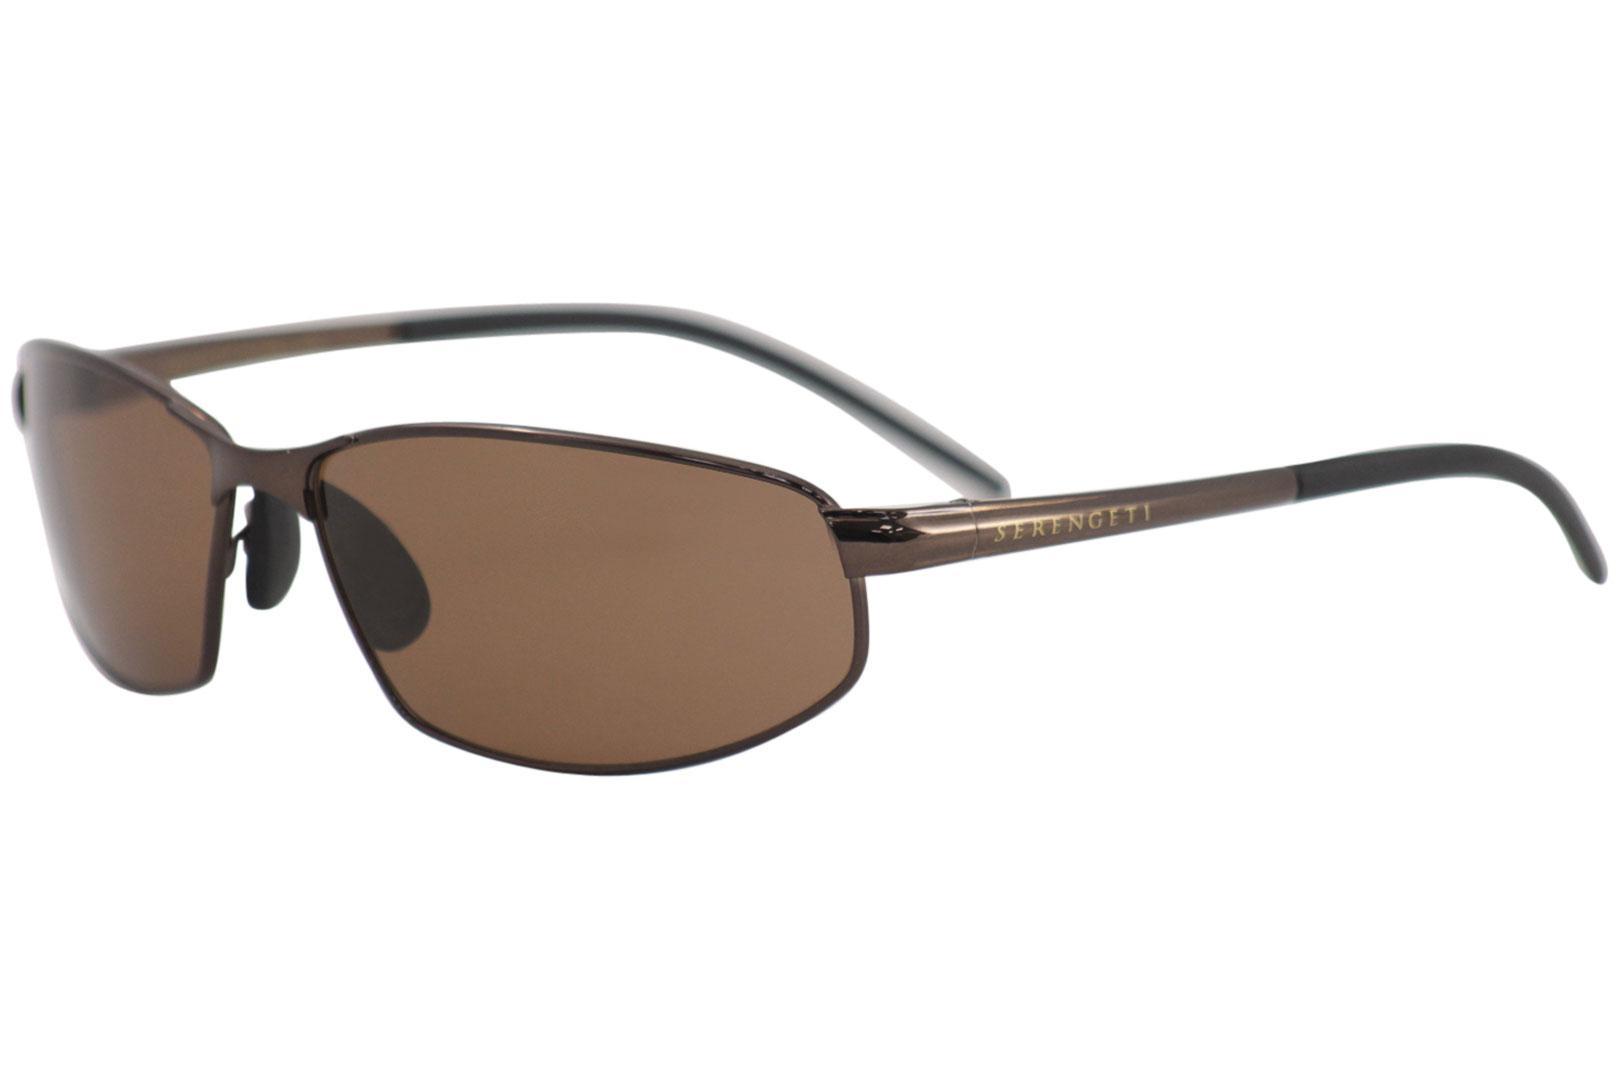 2292dc2eb06e Serengeti Men's Granada 7300 Espresso/Brown Lens Polarized Wrap Metal  Sunglasses by Serengeti